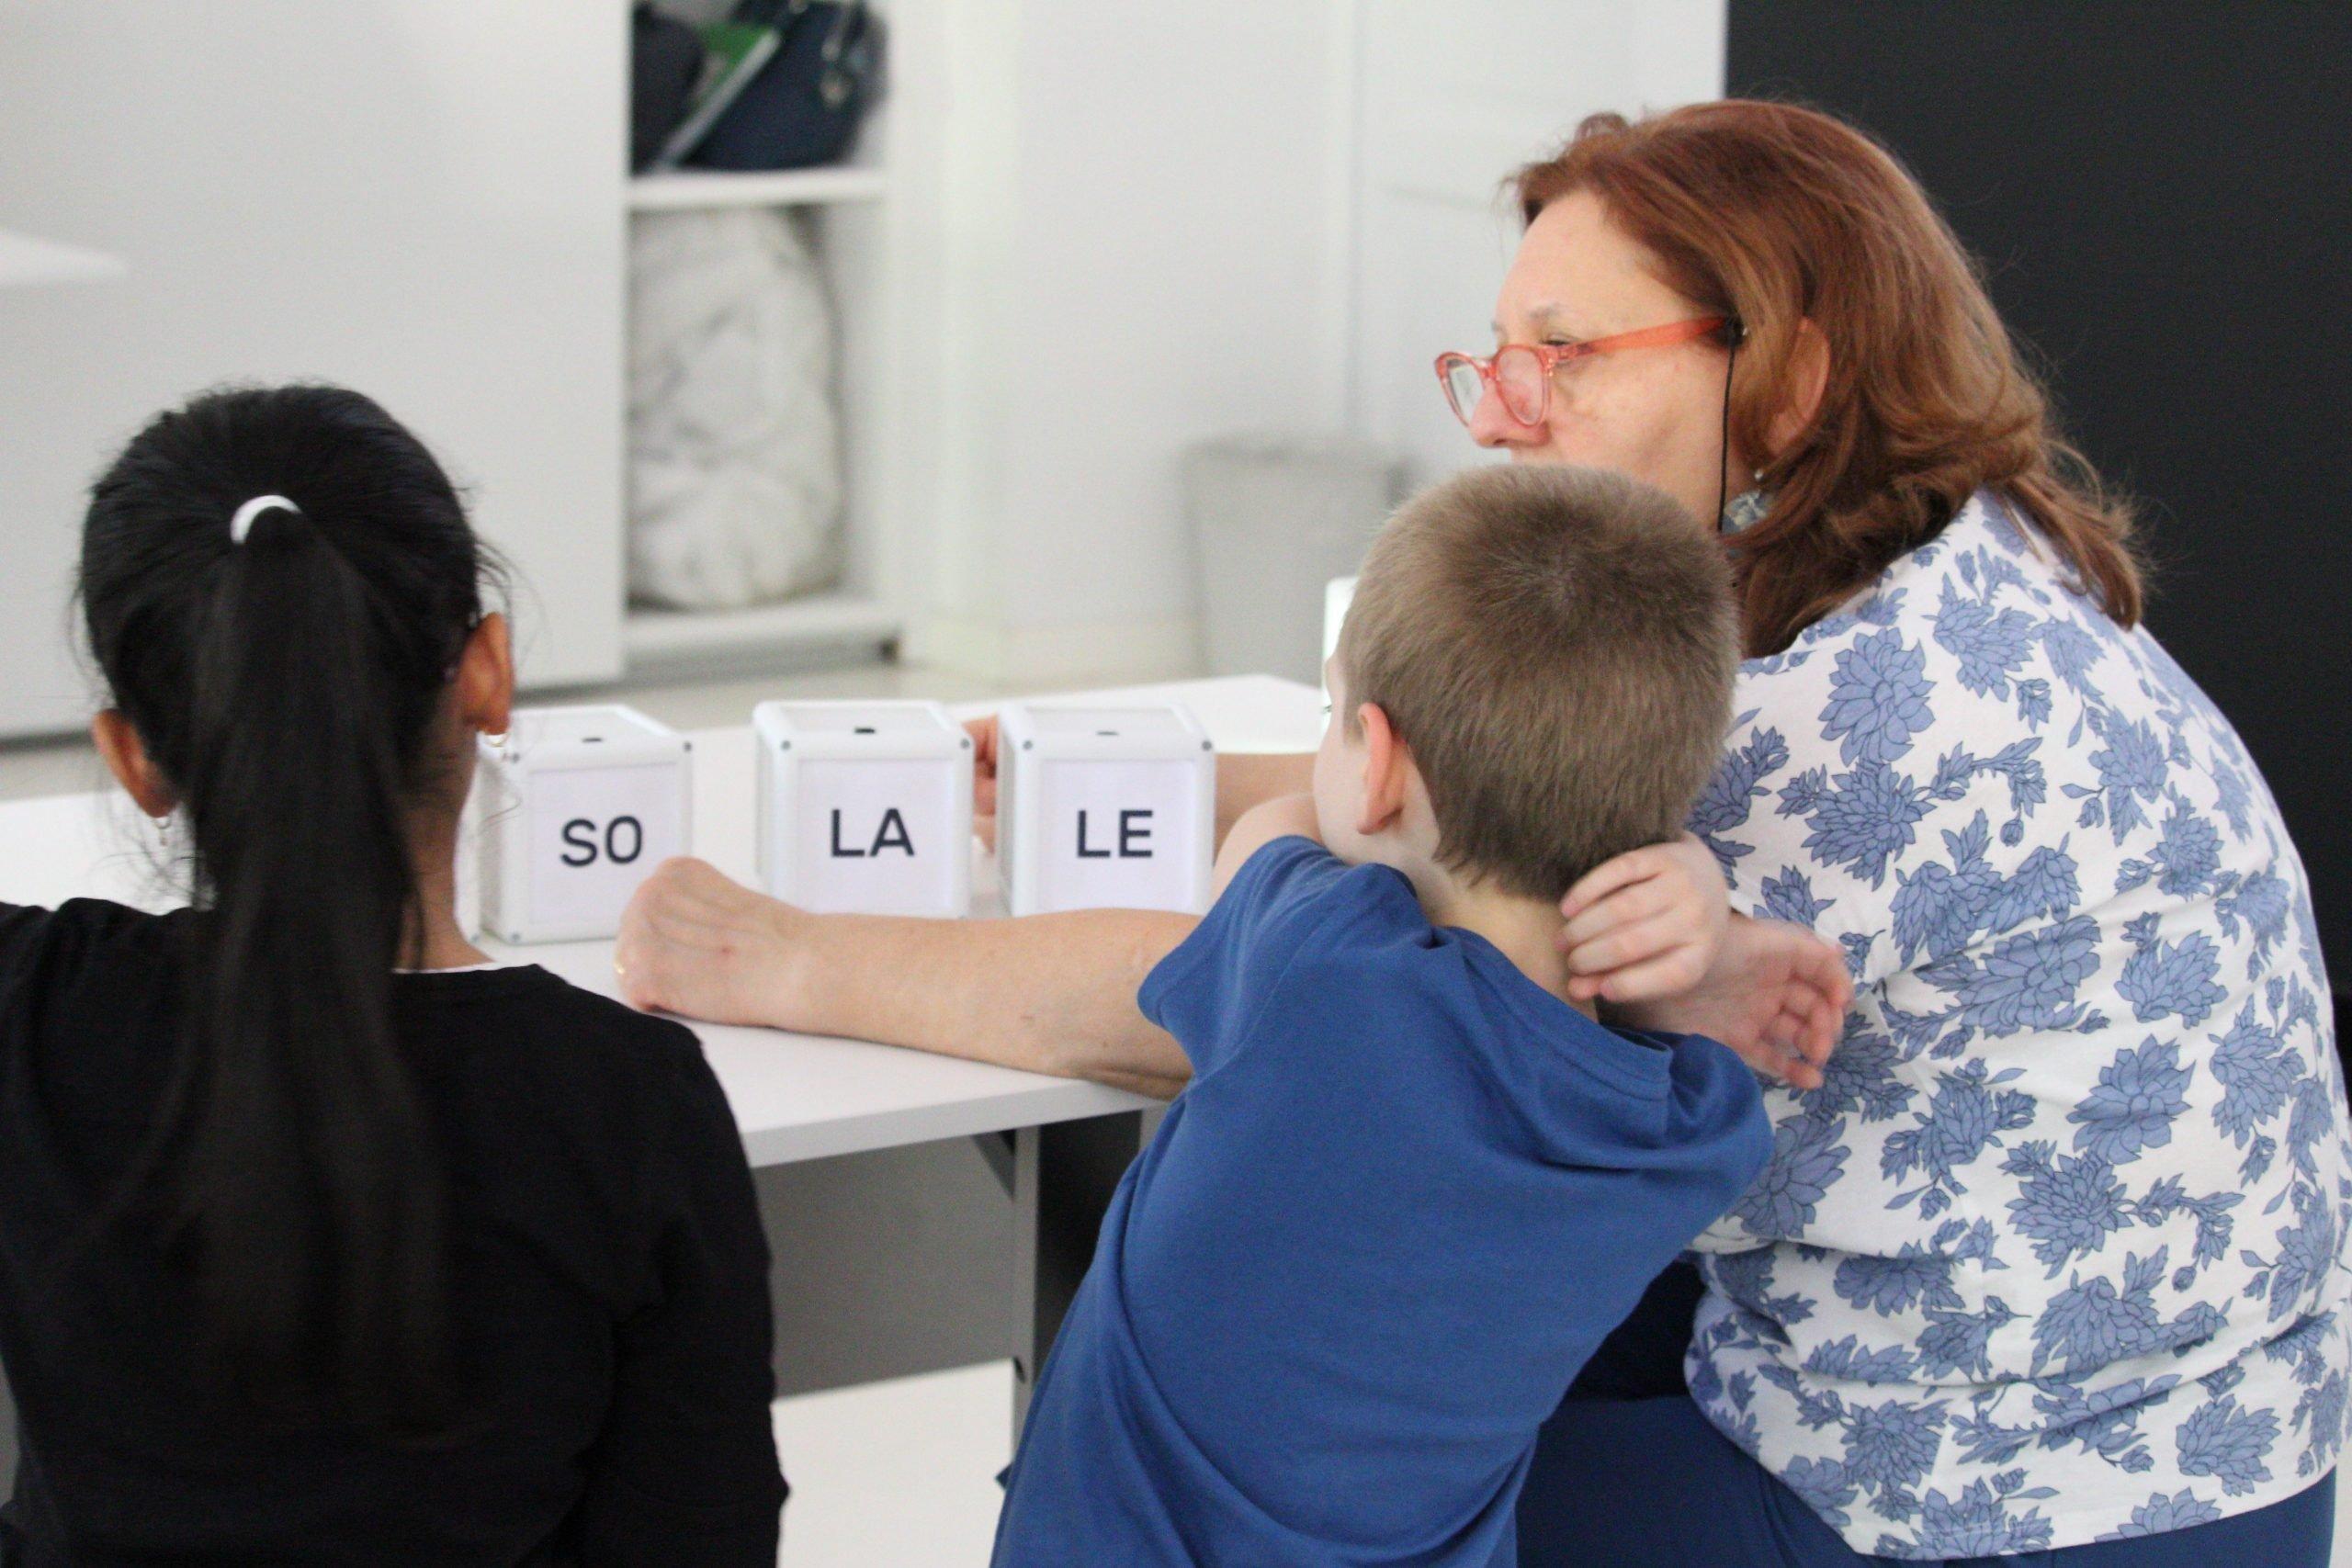 aggiungendo sui cubi inserti di carta raffiguranti sillabe, con mosaic si possono fare attività inclusive legate alla lettura